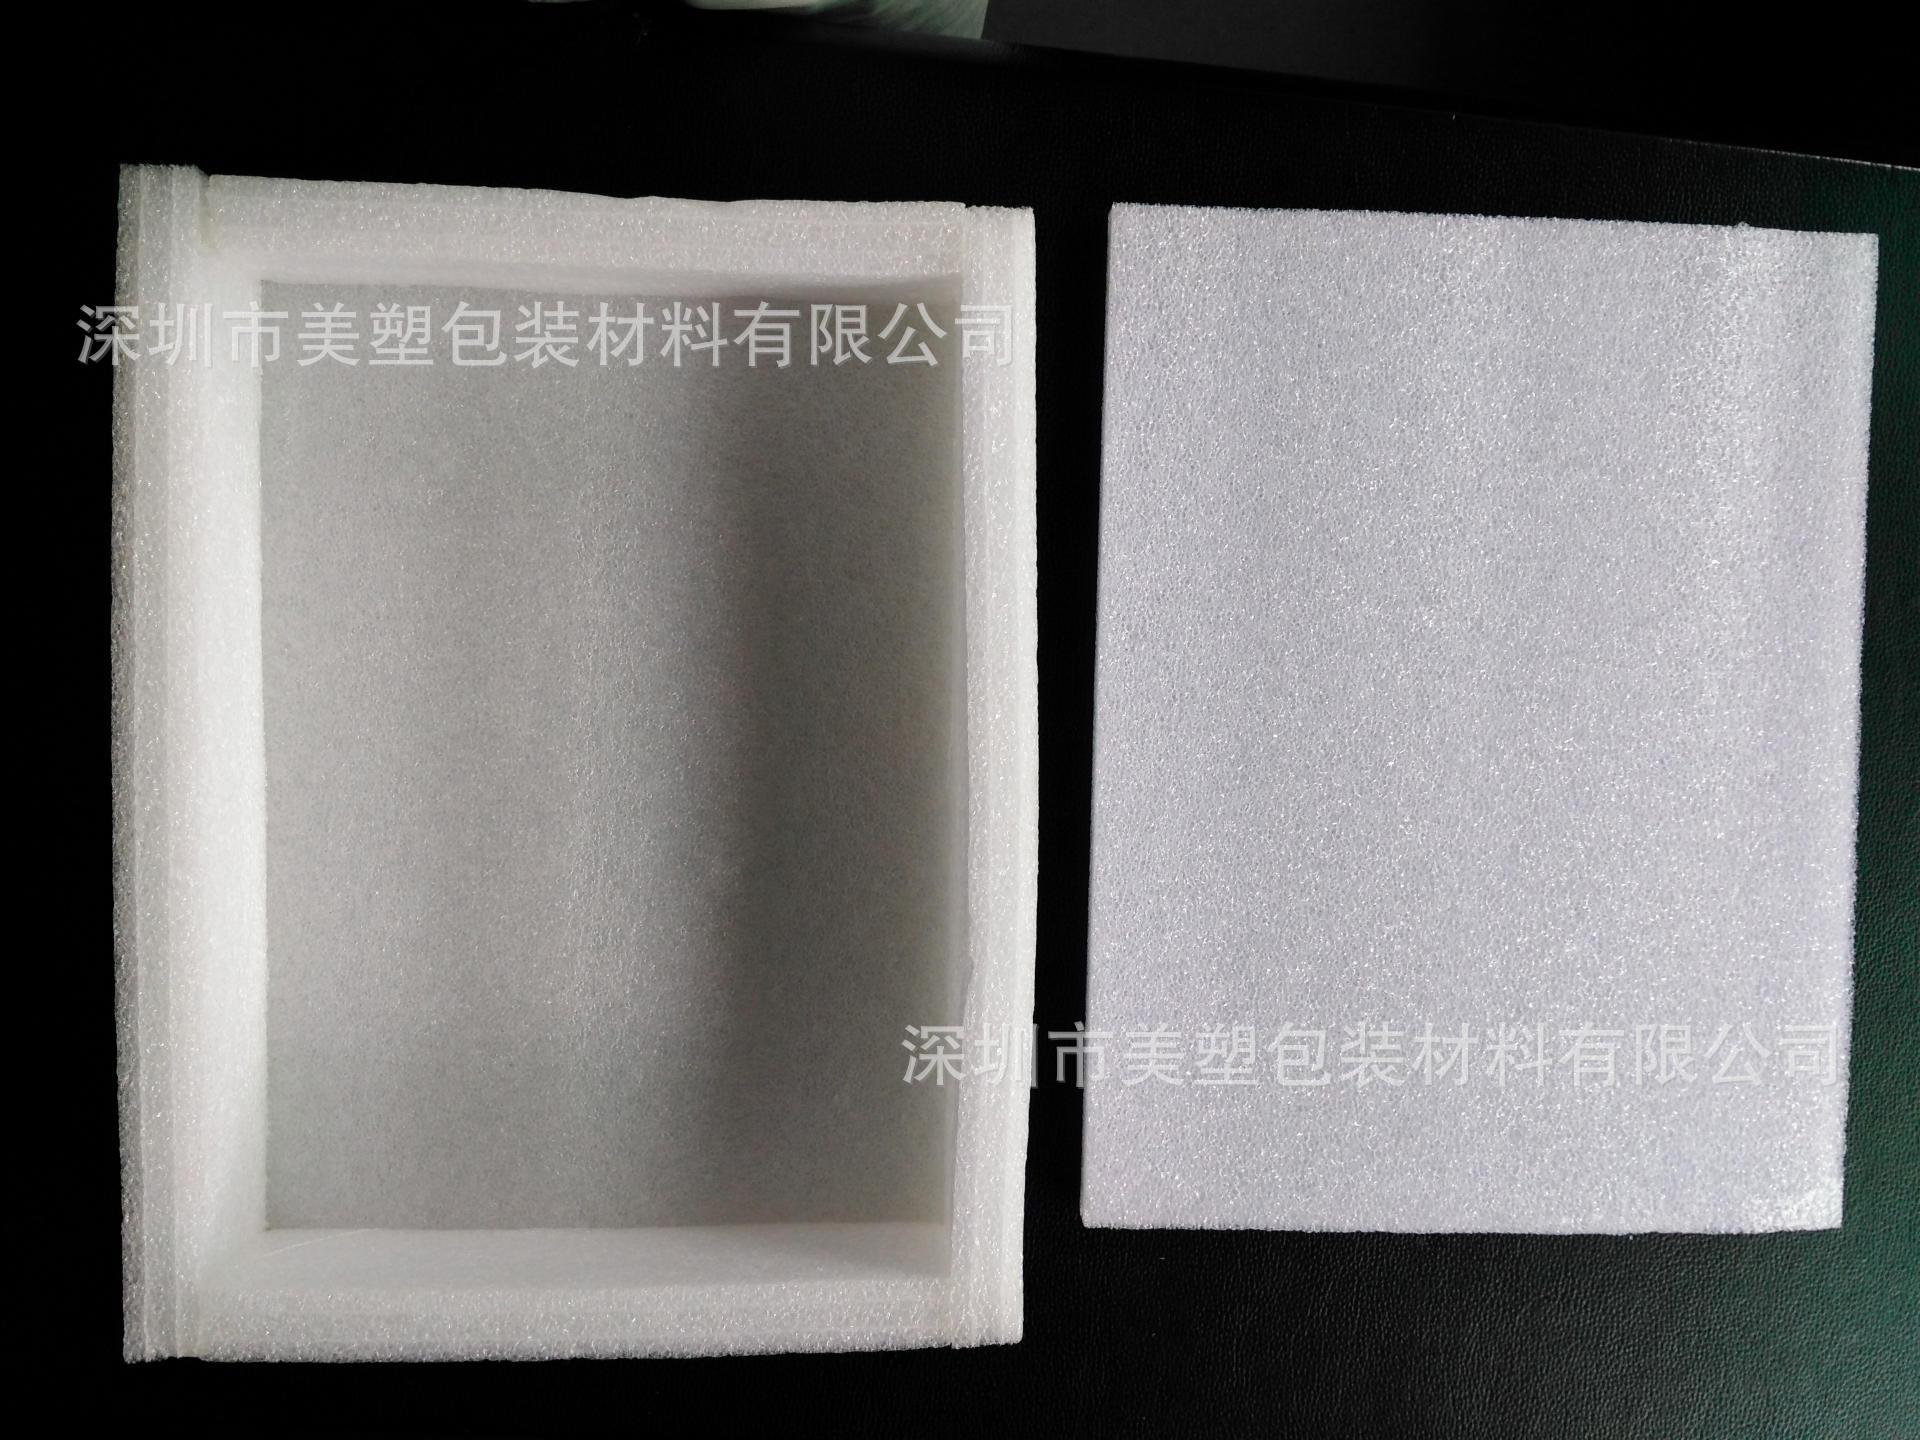 深圳品牌 厂家直供 防护 珍珠棉盒子 珍珠棉内衬